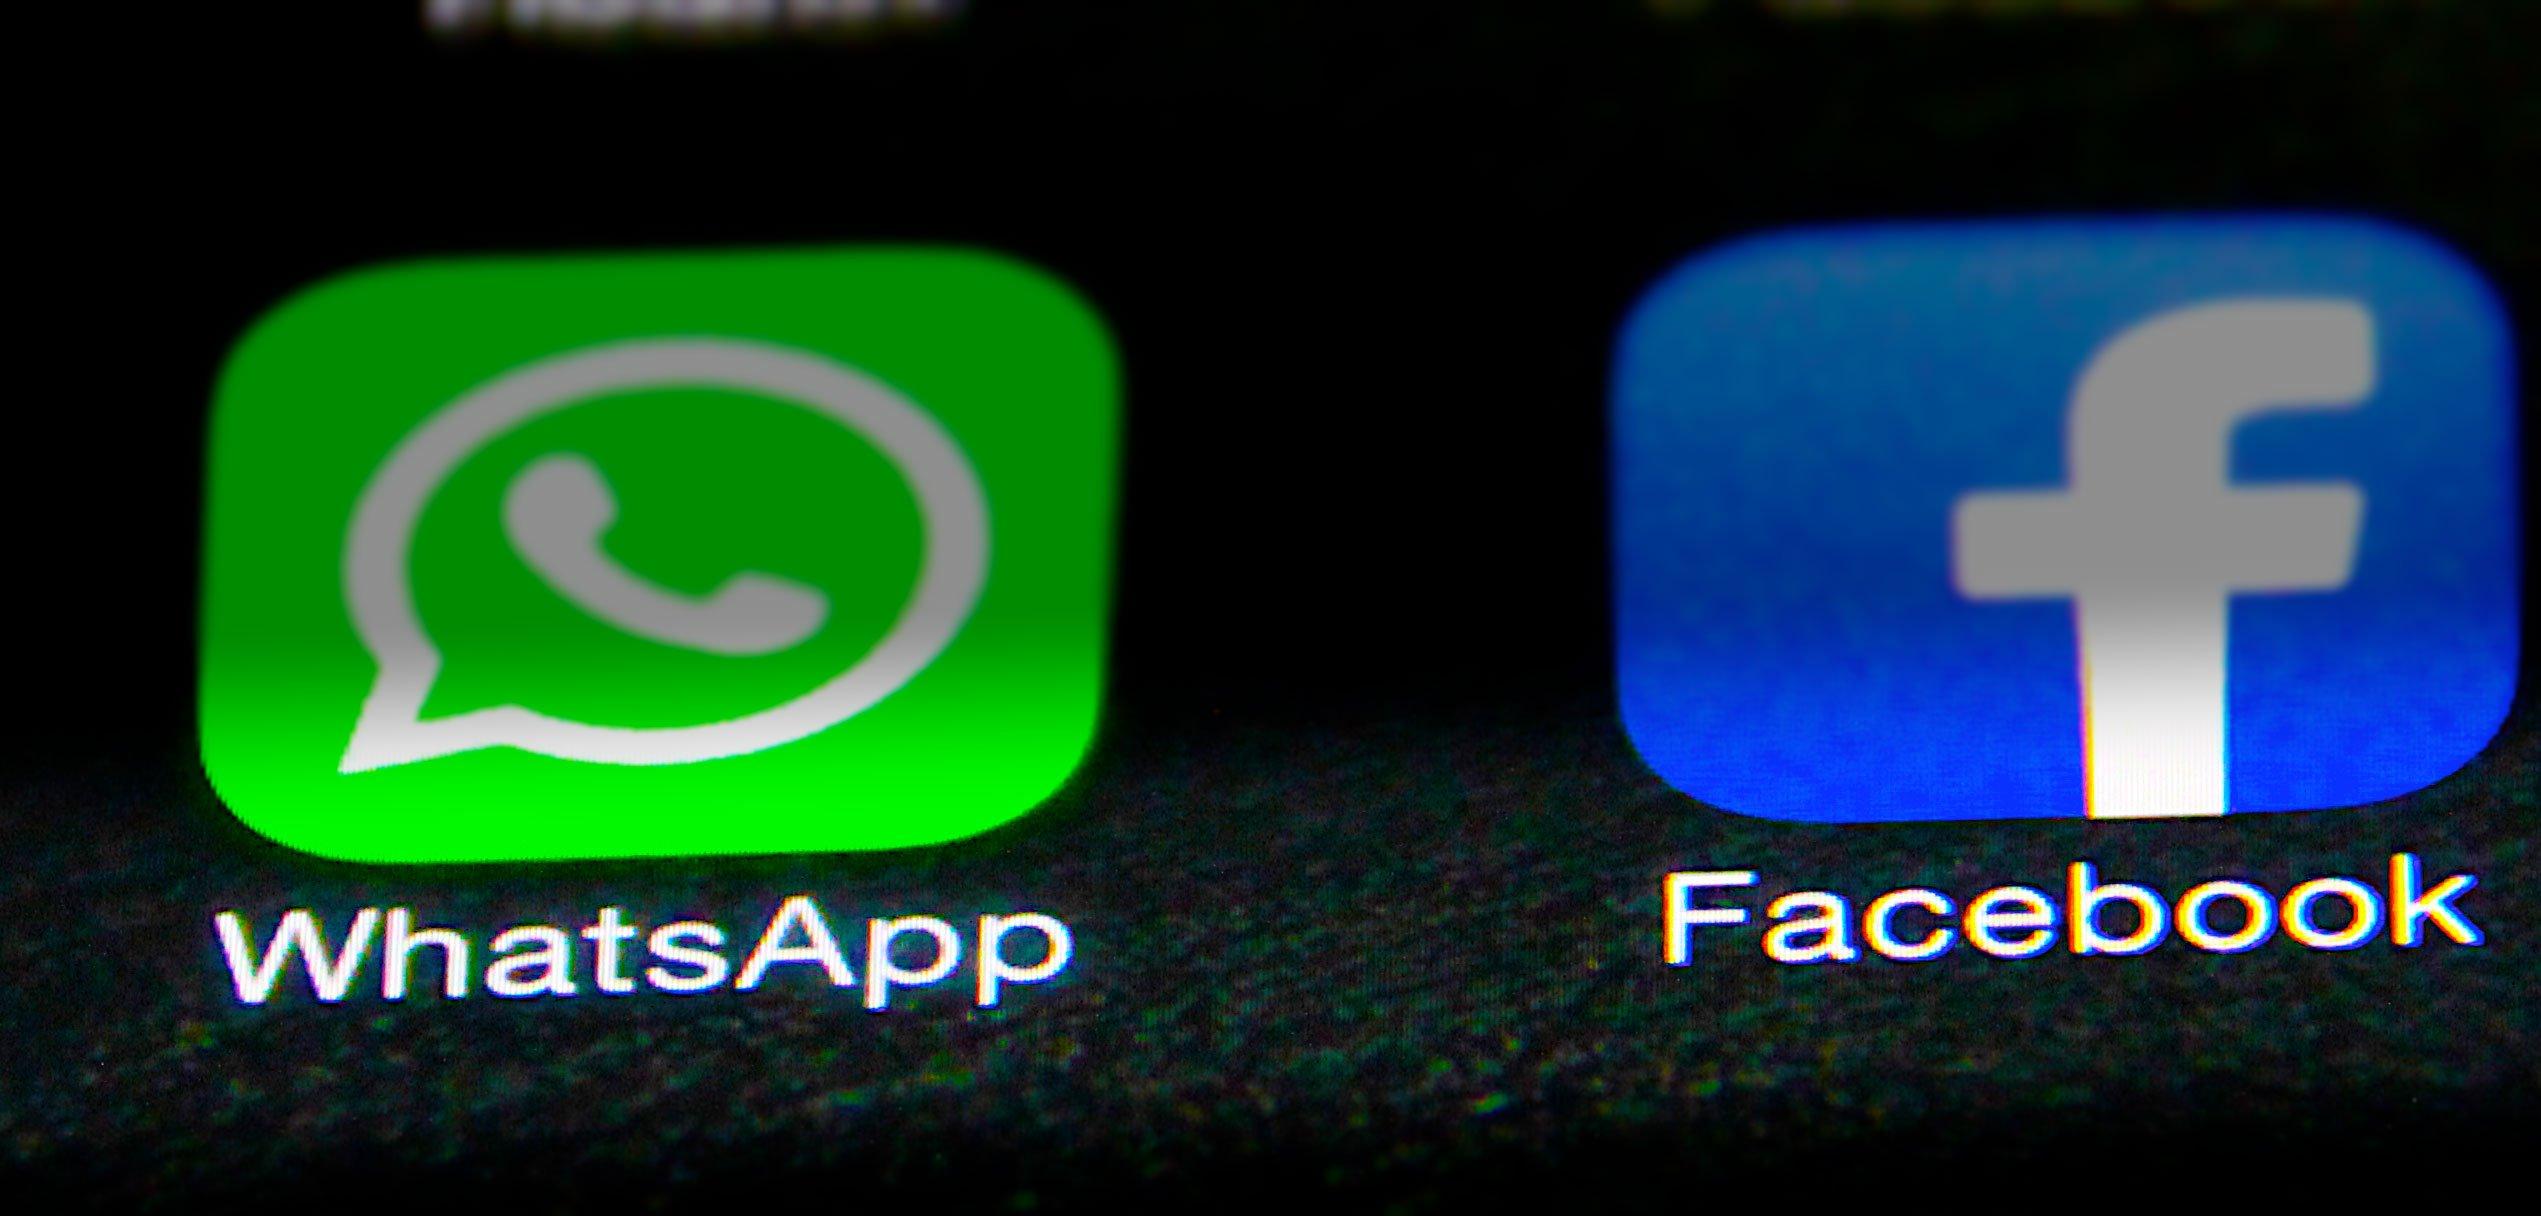 WhatsApp wird kostenlos für alle Nutzer: keine Abo-Gebühr & werbefrei! 1